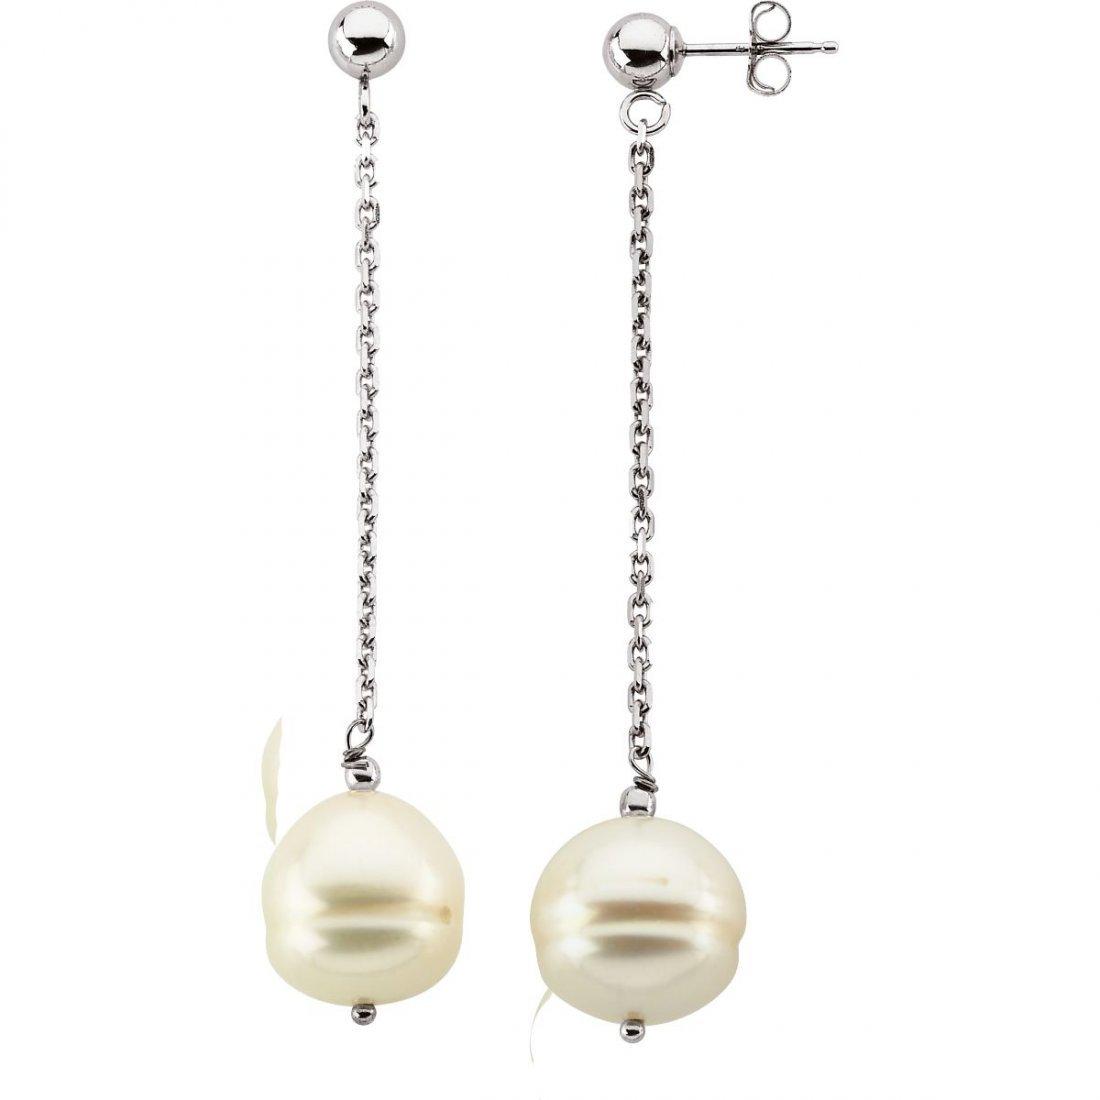 Earrings - 14k White Gold 9-11mm Freshwater Cultured